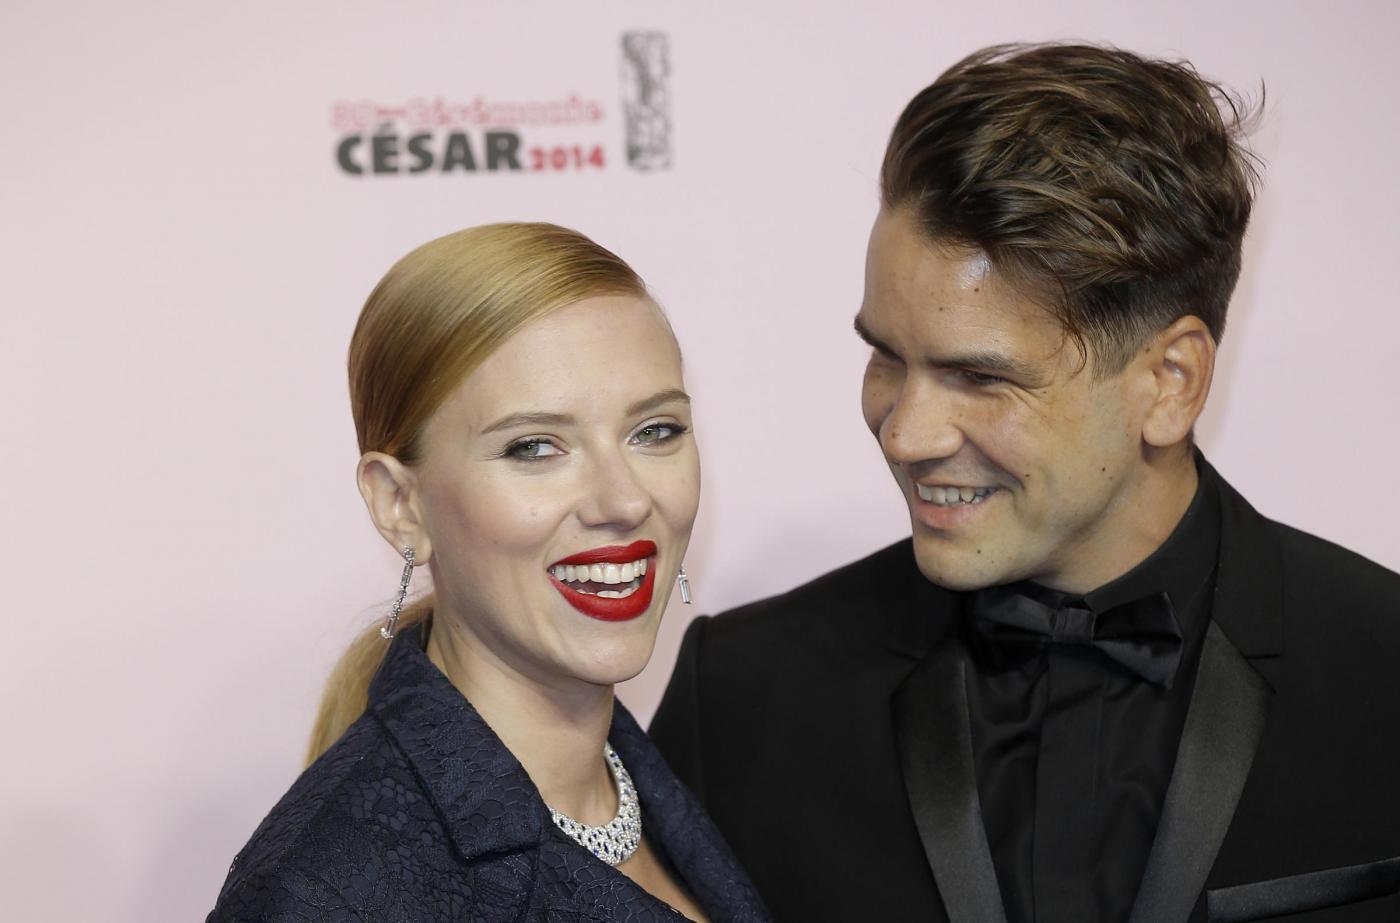 Scarlett Johansson mamma. E' nata la piccola Rose